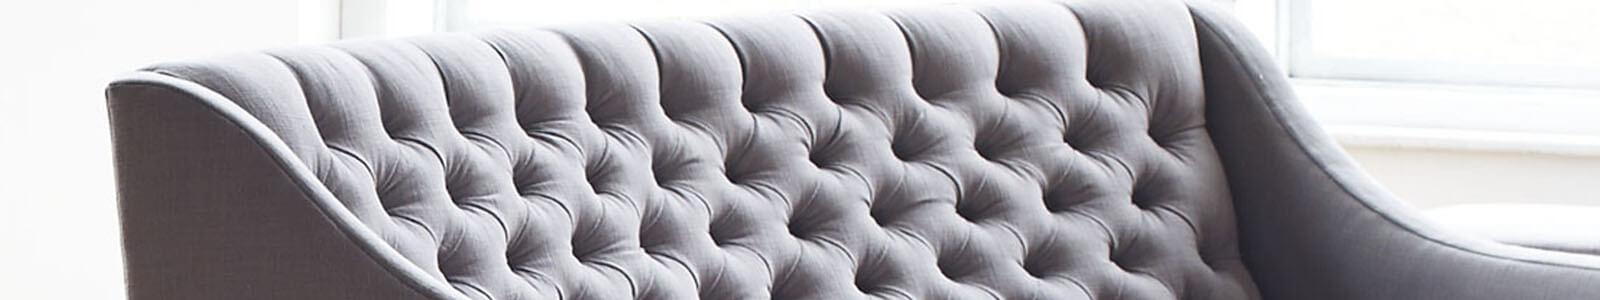 Duralee Furniture Banner